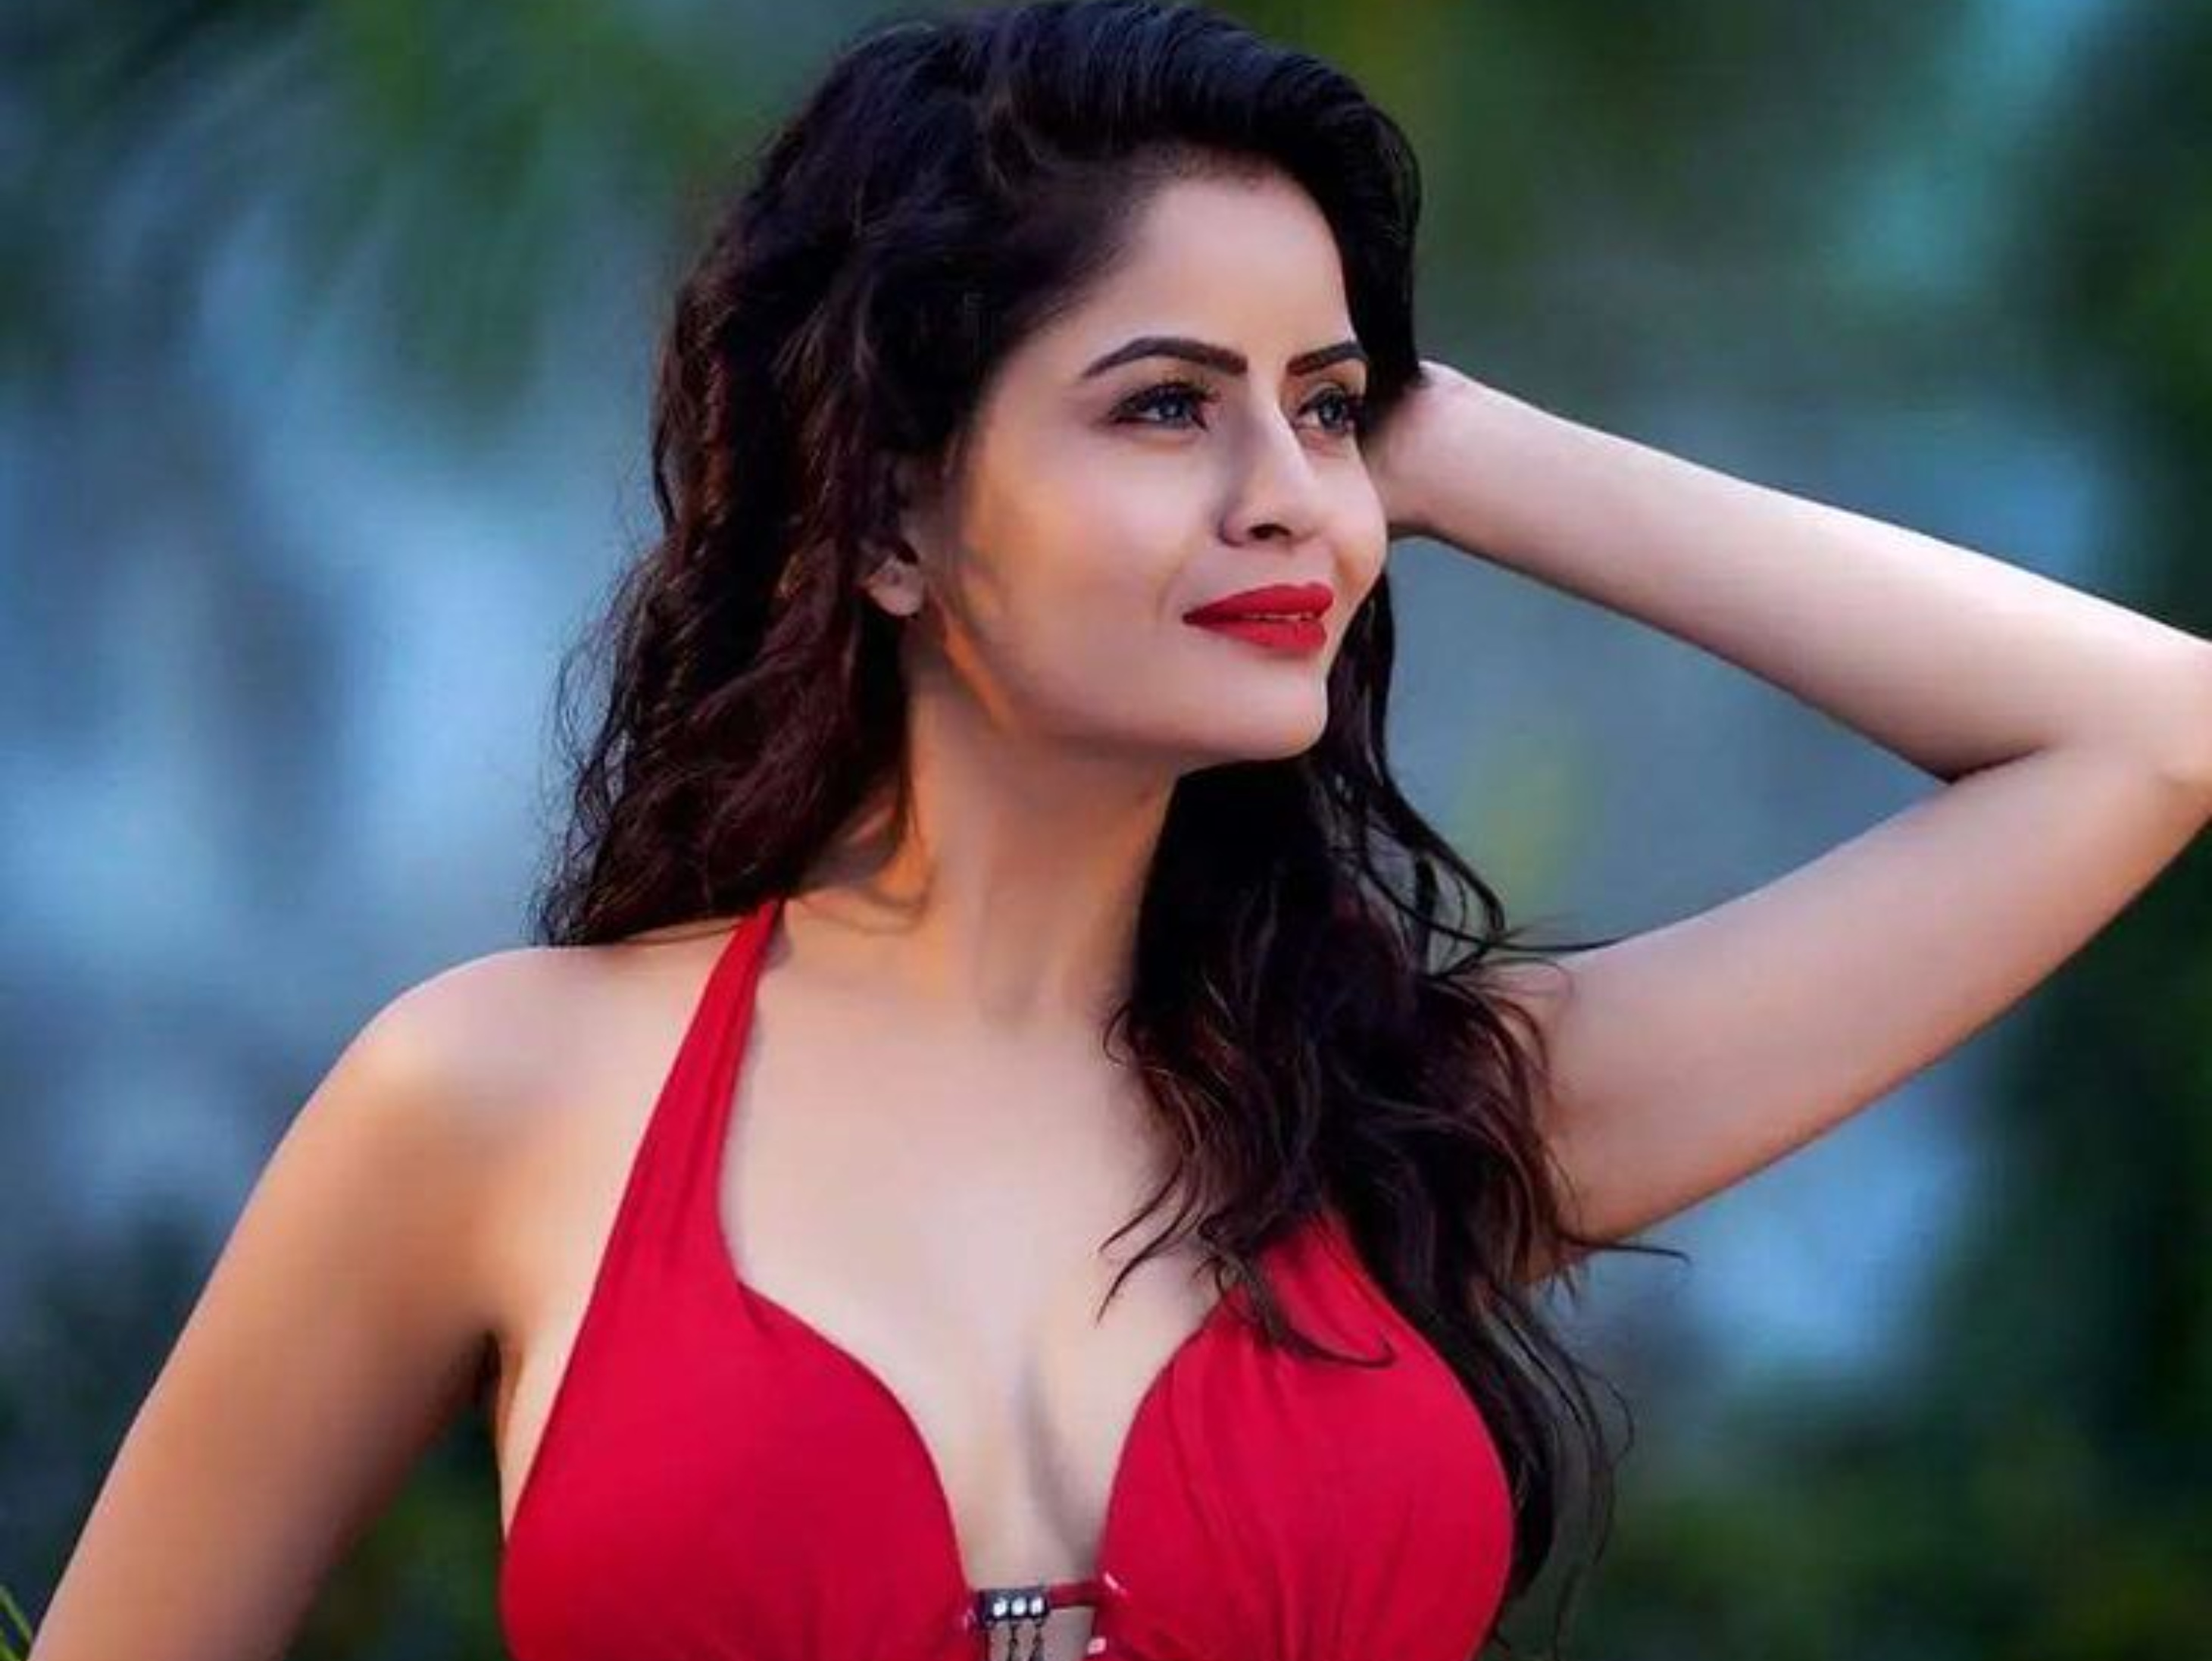 सुप्रीम कोर्ट का आदेश- गहना वशिष्ठ की गिरफ्तारी नहीं होगी, लेकिन एक्ट्रेस जांच में सहयोग करें बॉलीवुड,Bollywood - Dainik Bhaskar